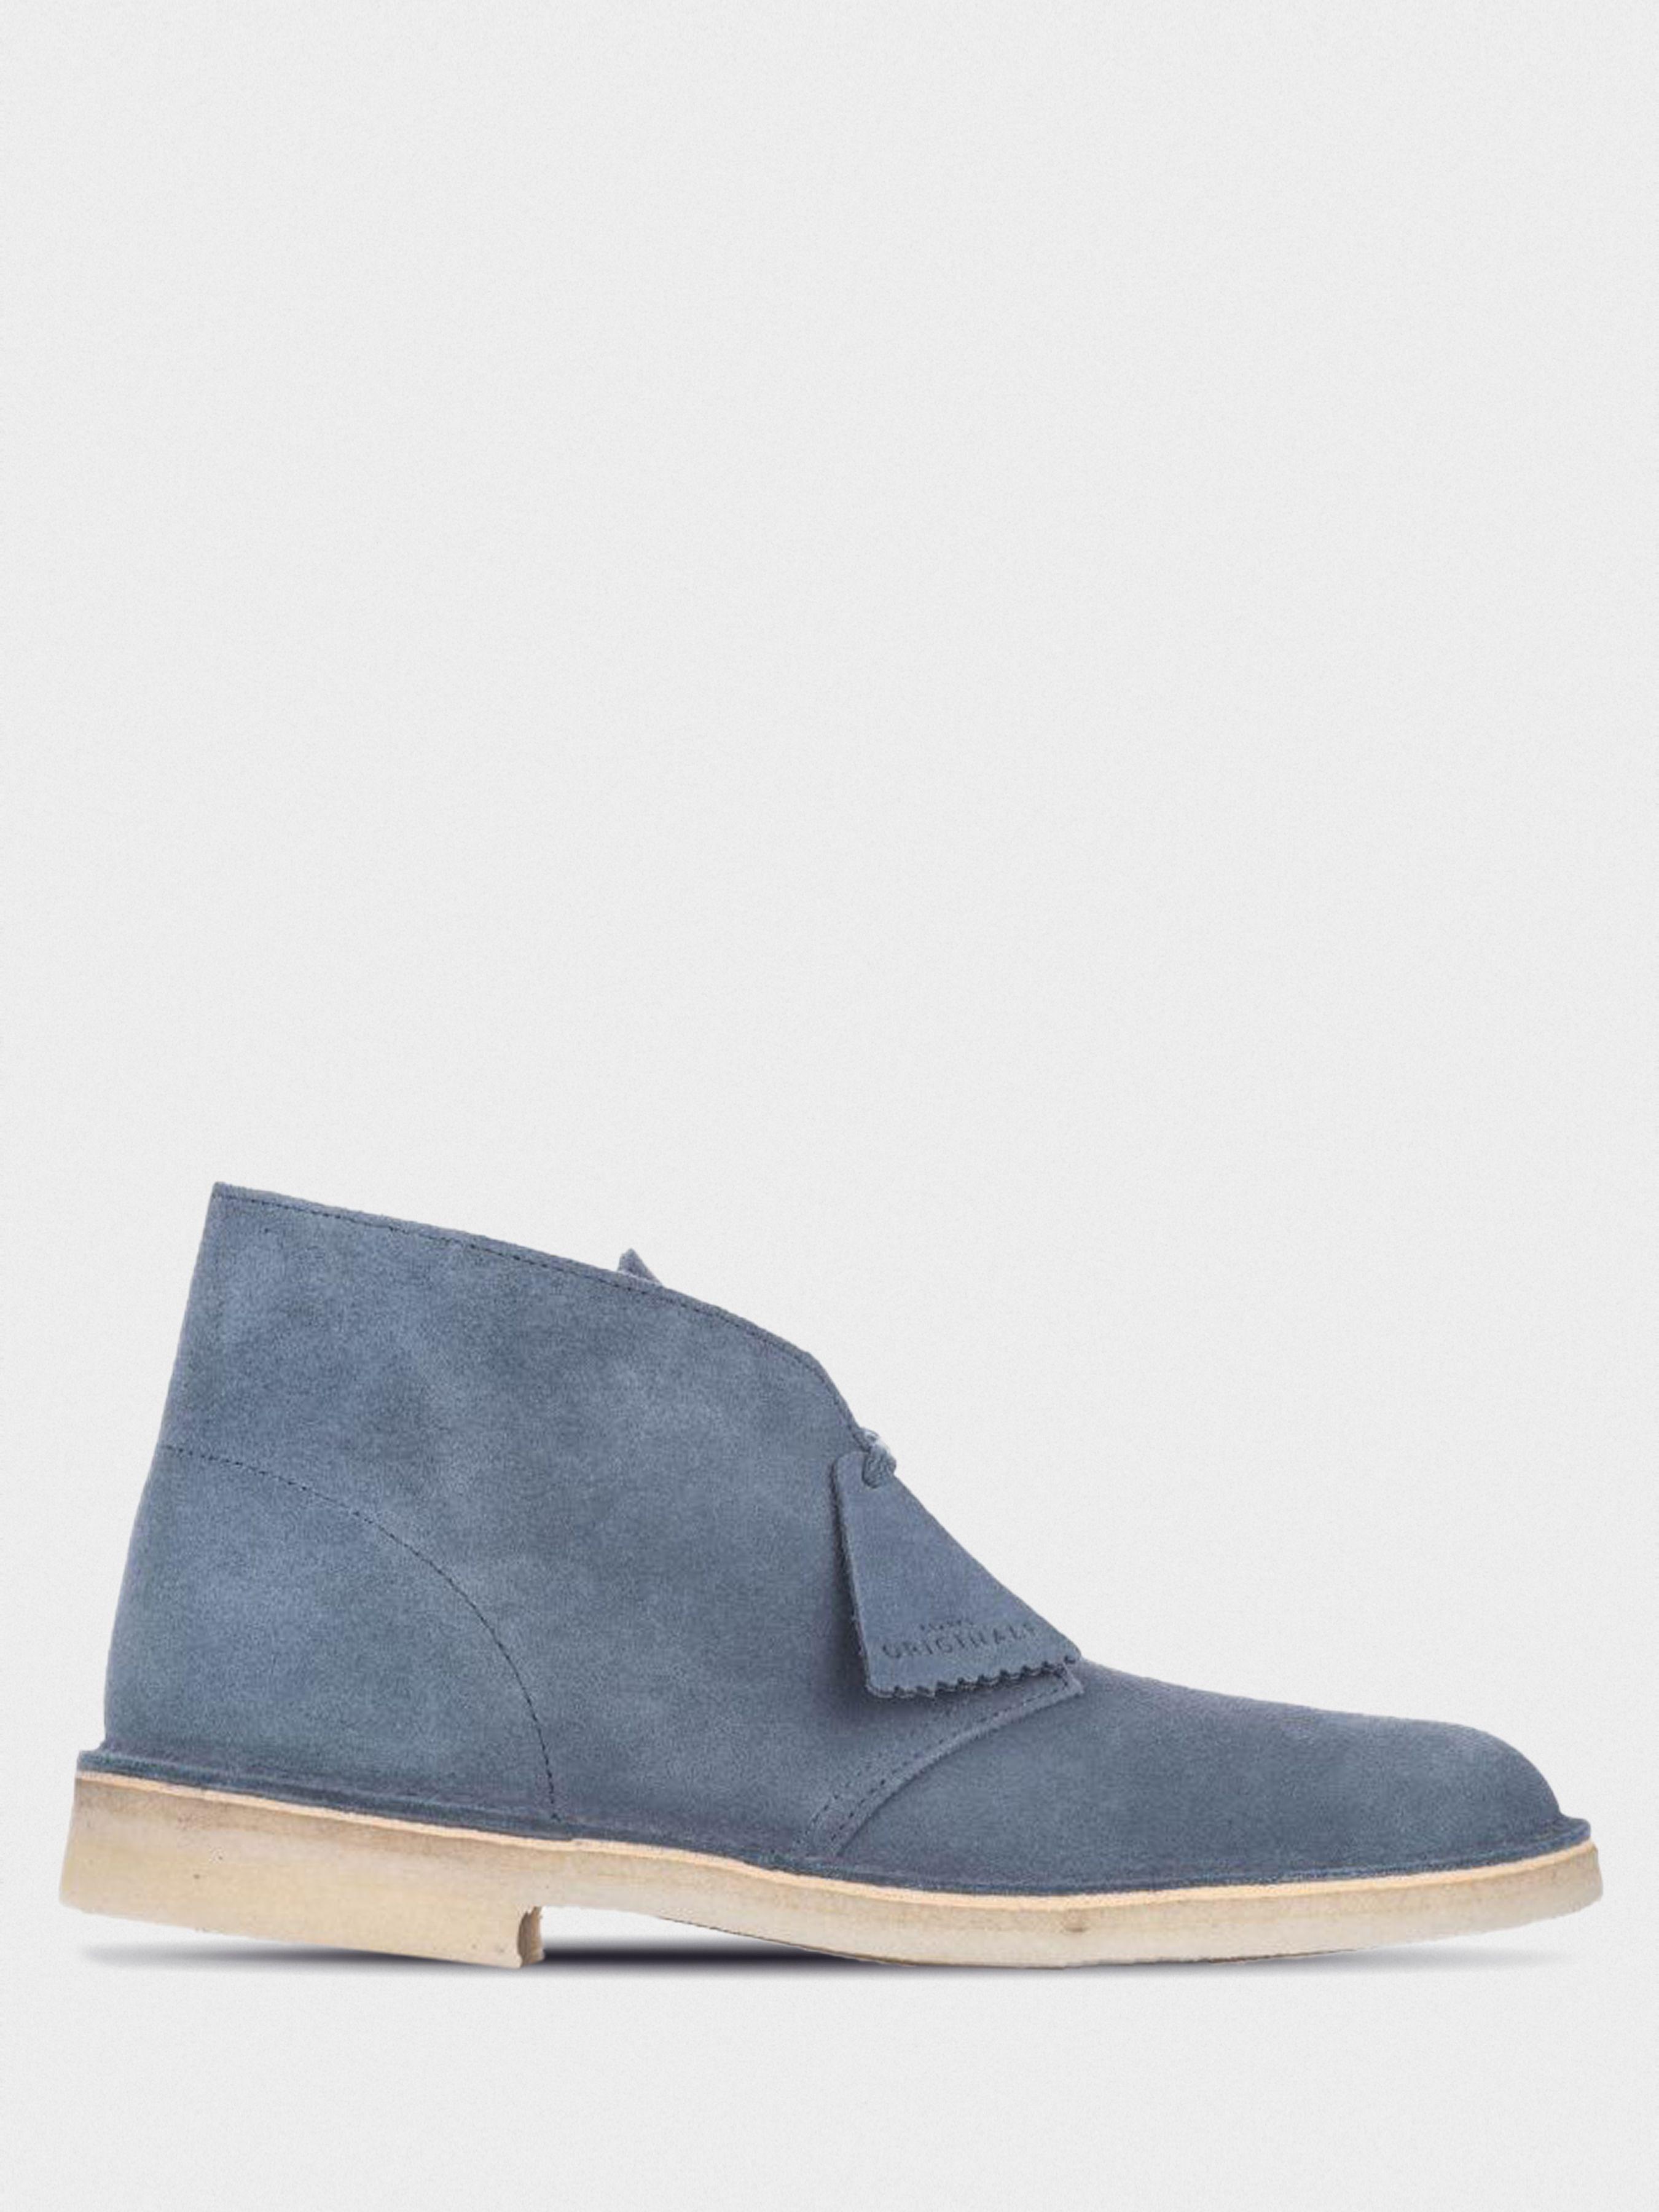 Купить Ботинки мужские Clarks Desert Boot OM2986, Синий